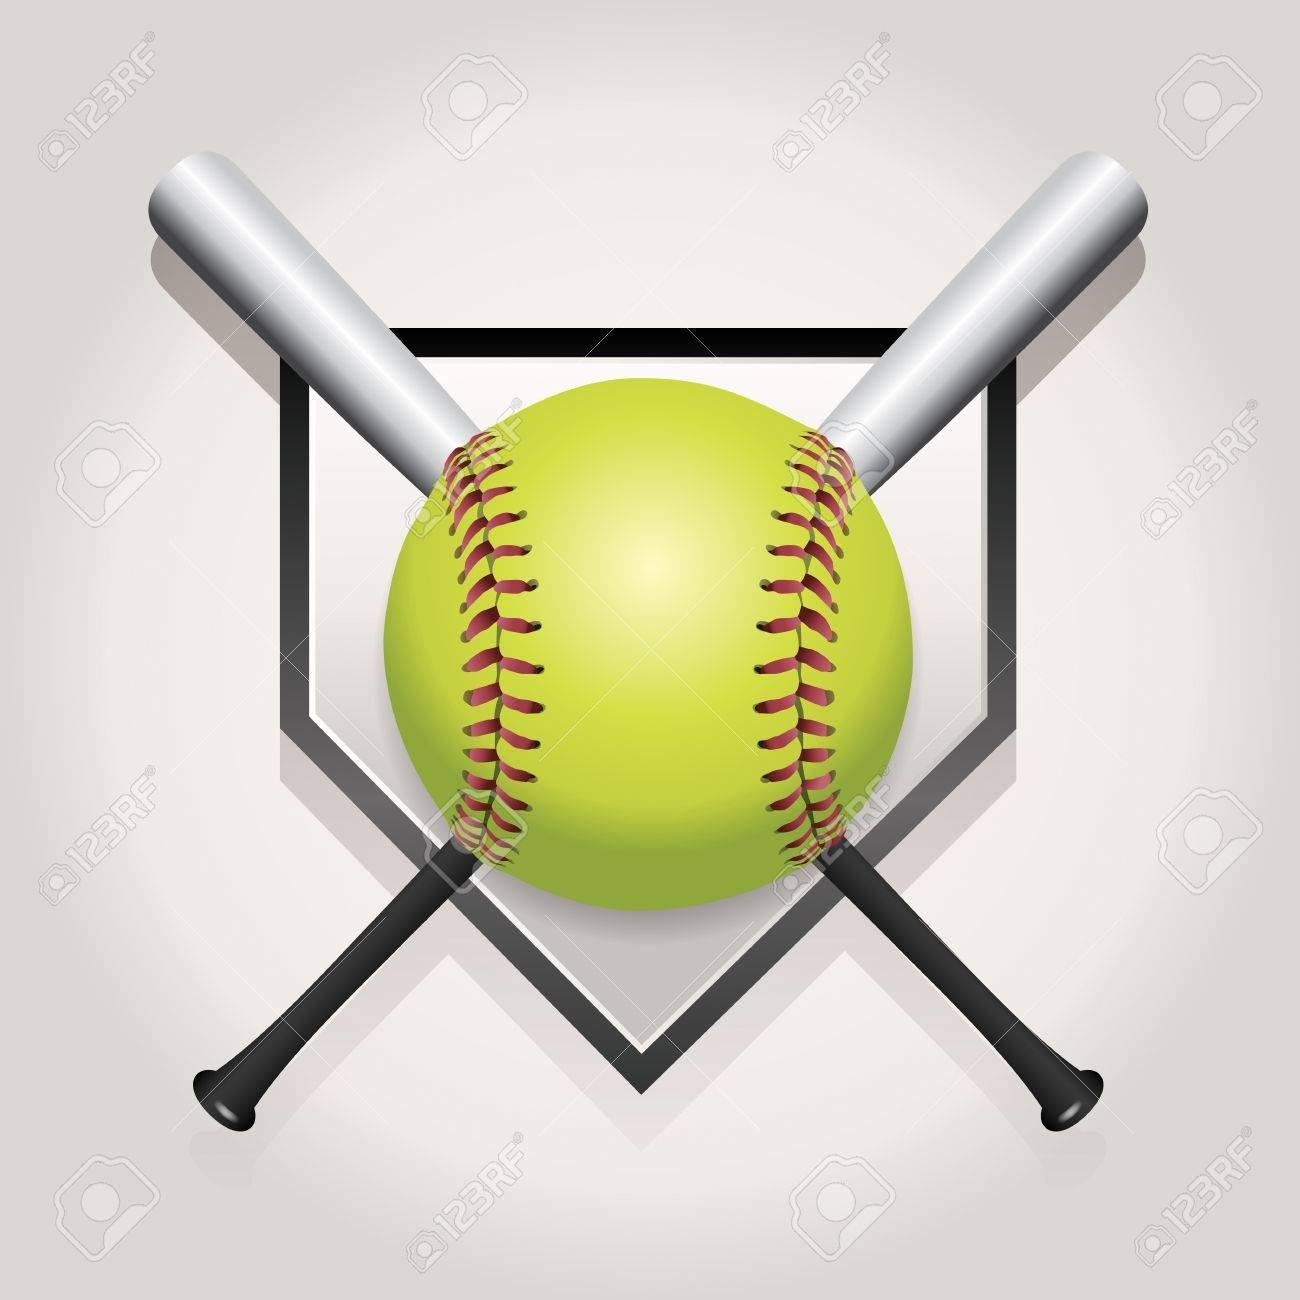 Softball Stock Photos And Images - 123Rf - Free Printable Softball Images